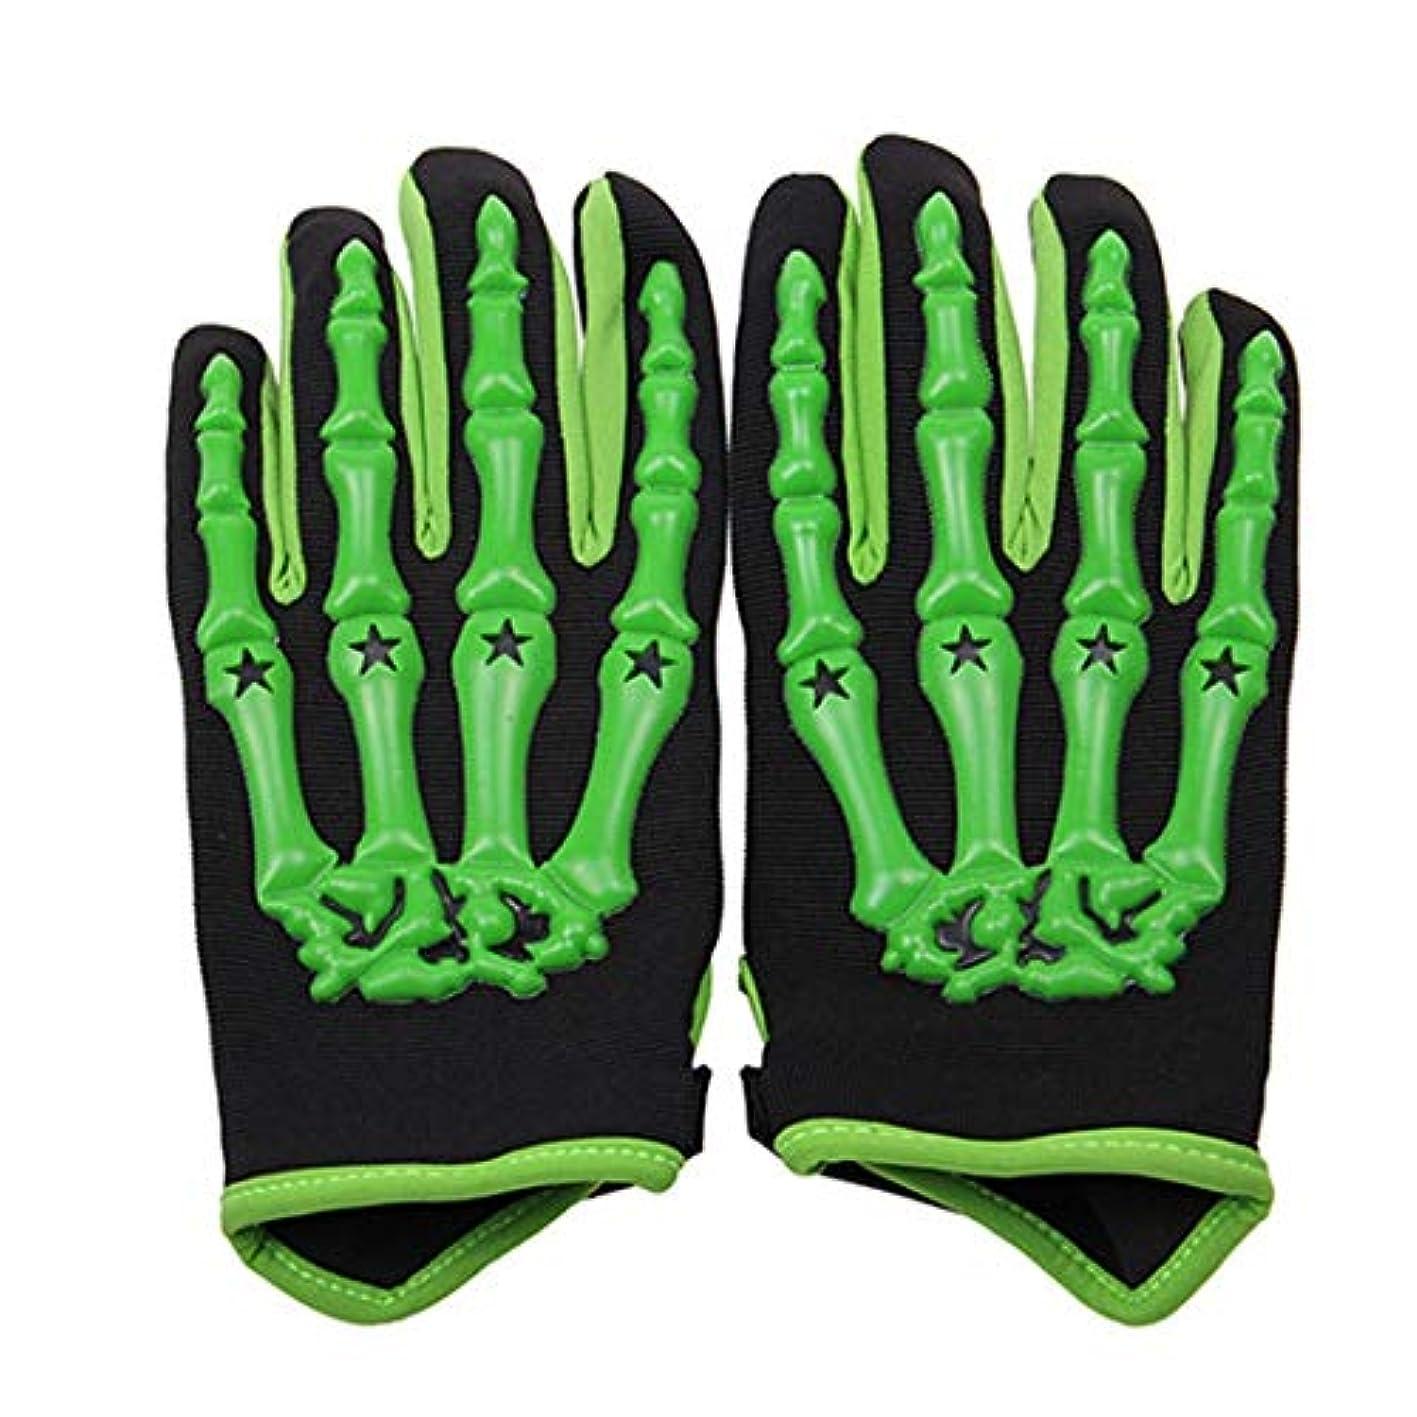 フライカイト韓国語発言するAnnis6 オートバイの乗馬用手袋オフロードレーシングの飛散防止手袋ライダー用手袋 (色 : オレンジ, サイズ : XL)